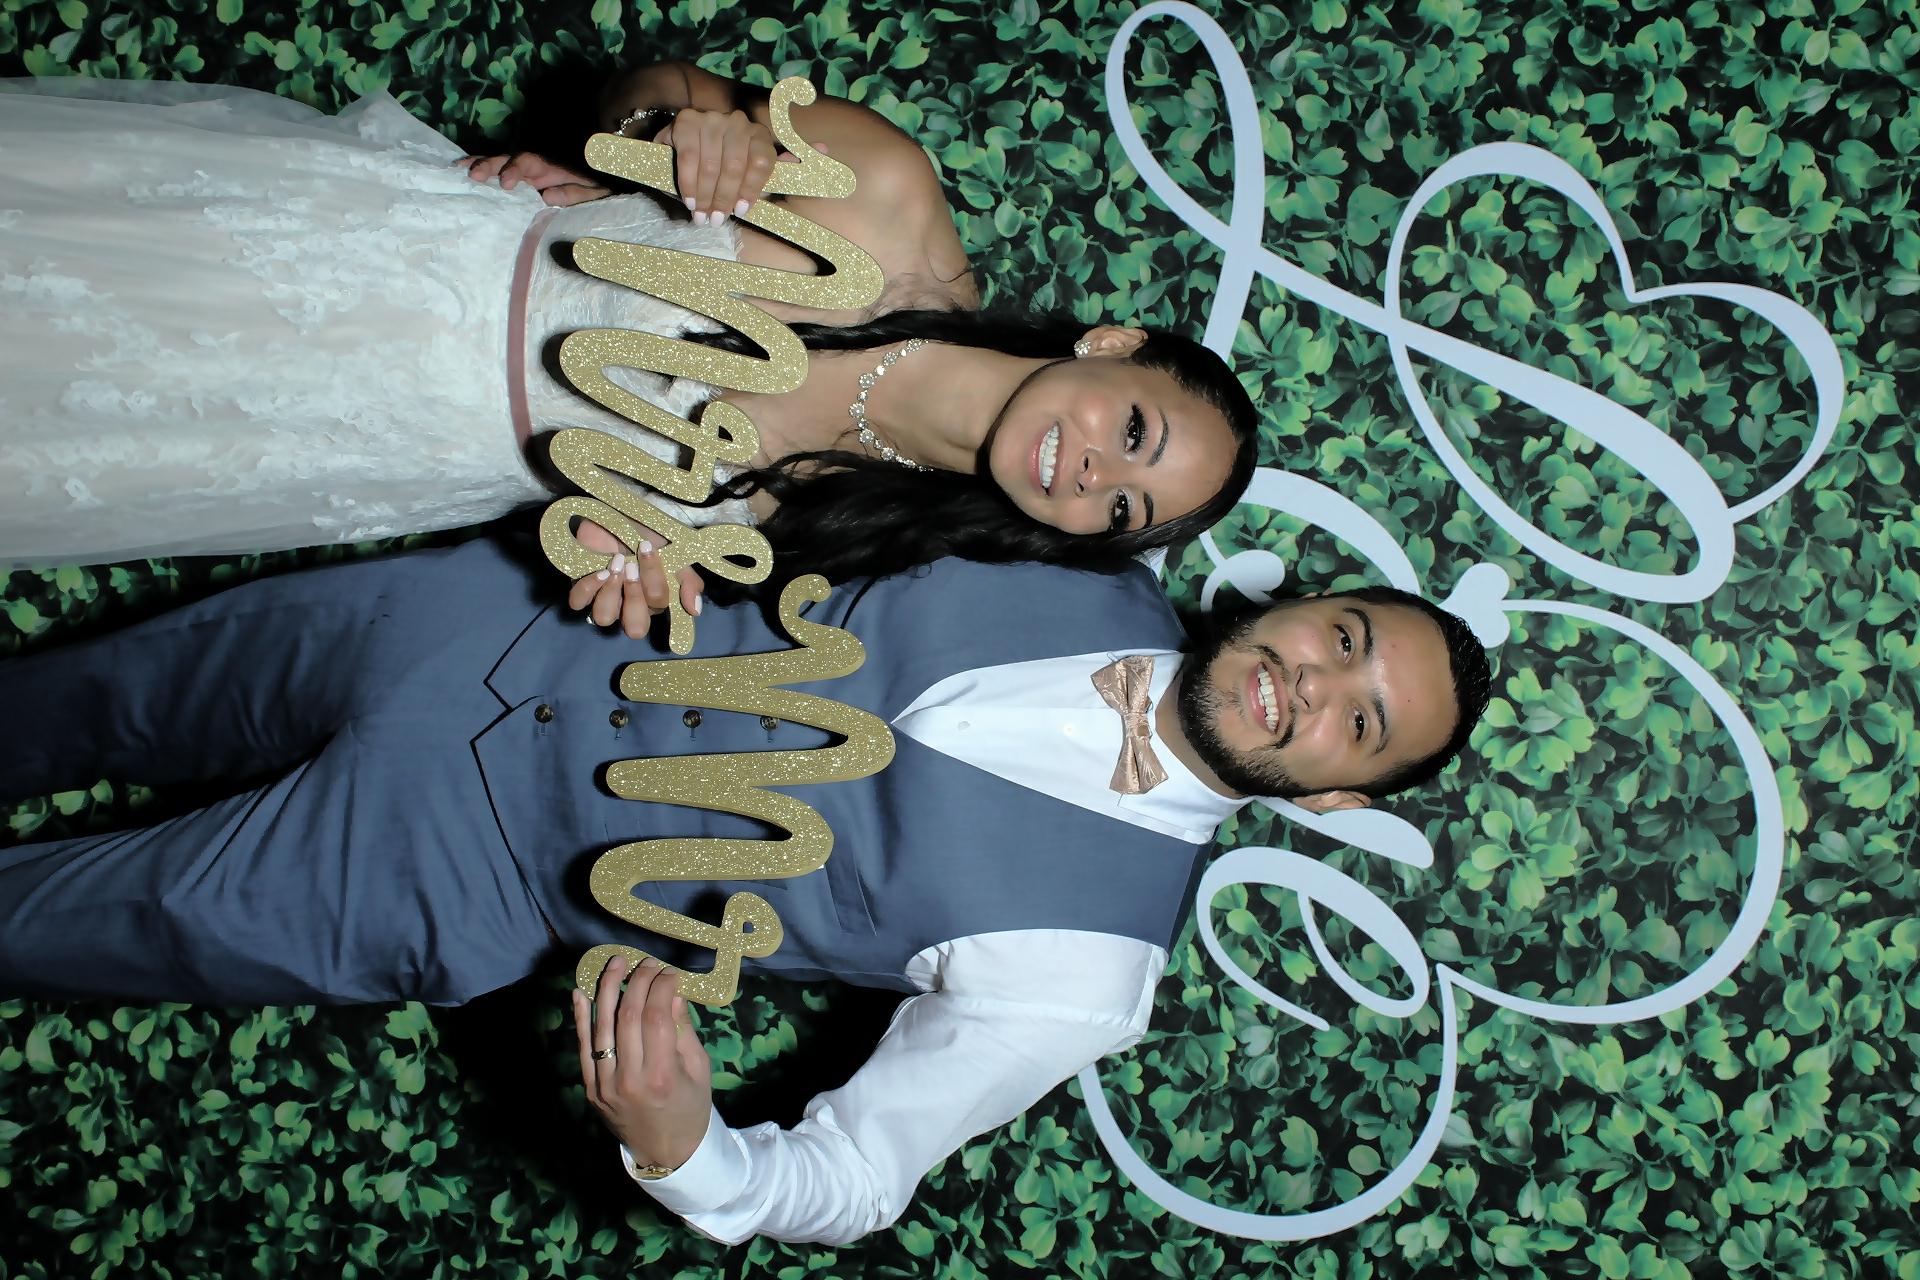 Wedding Photo Booth Fun!